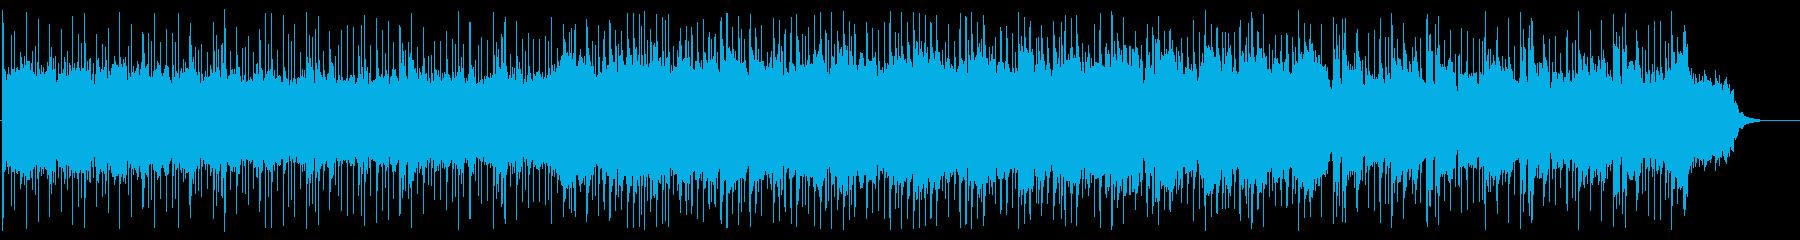 沖縄の星空をイメージしたまったりした曲の再生済みの波形